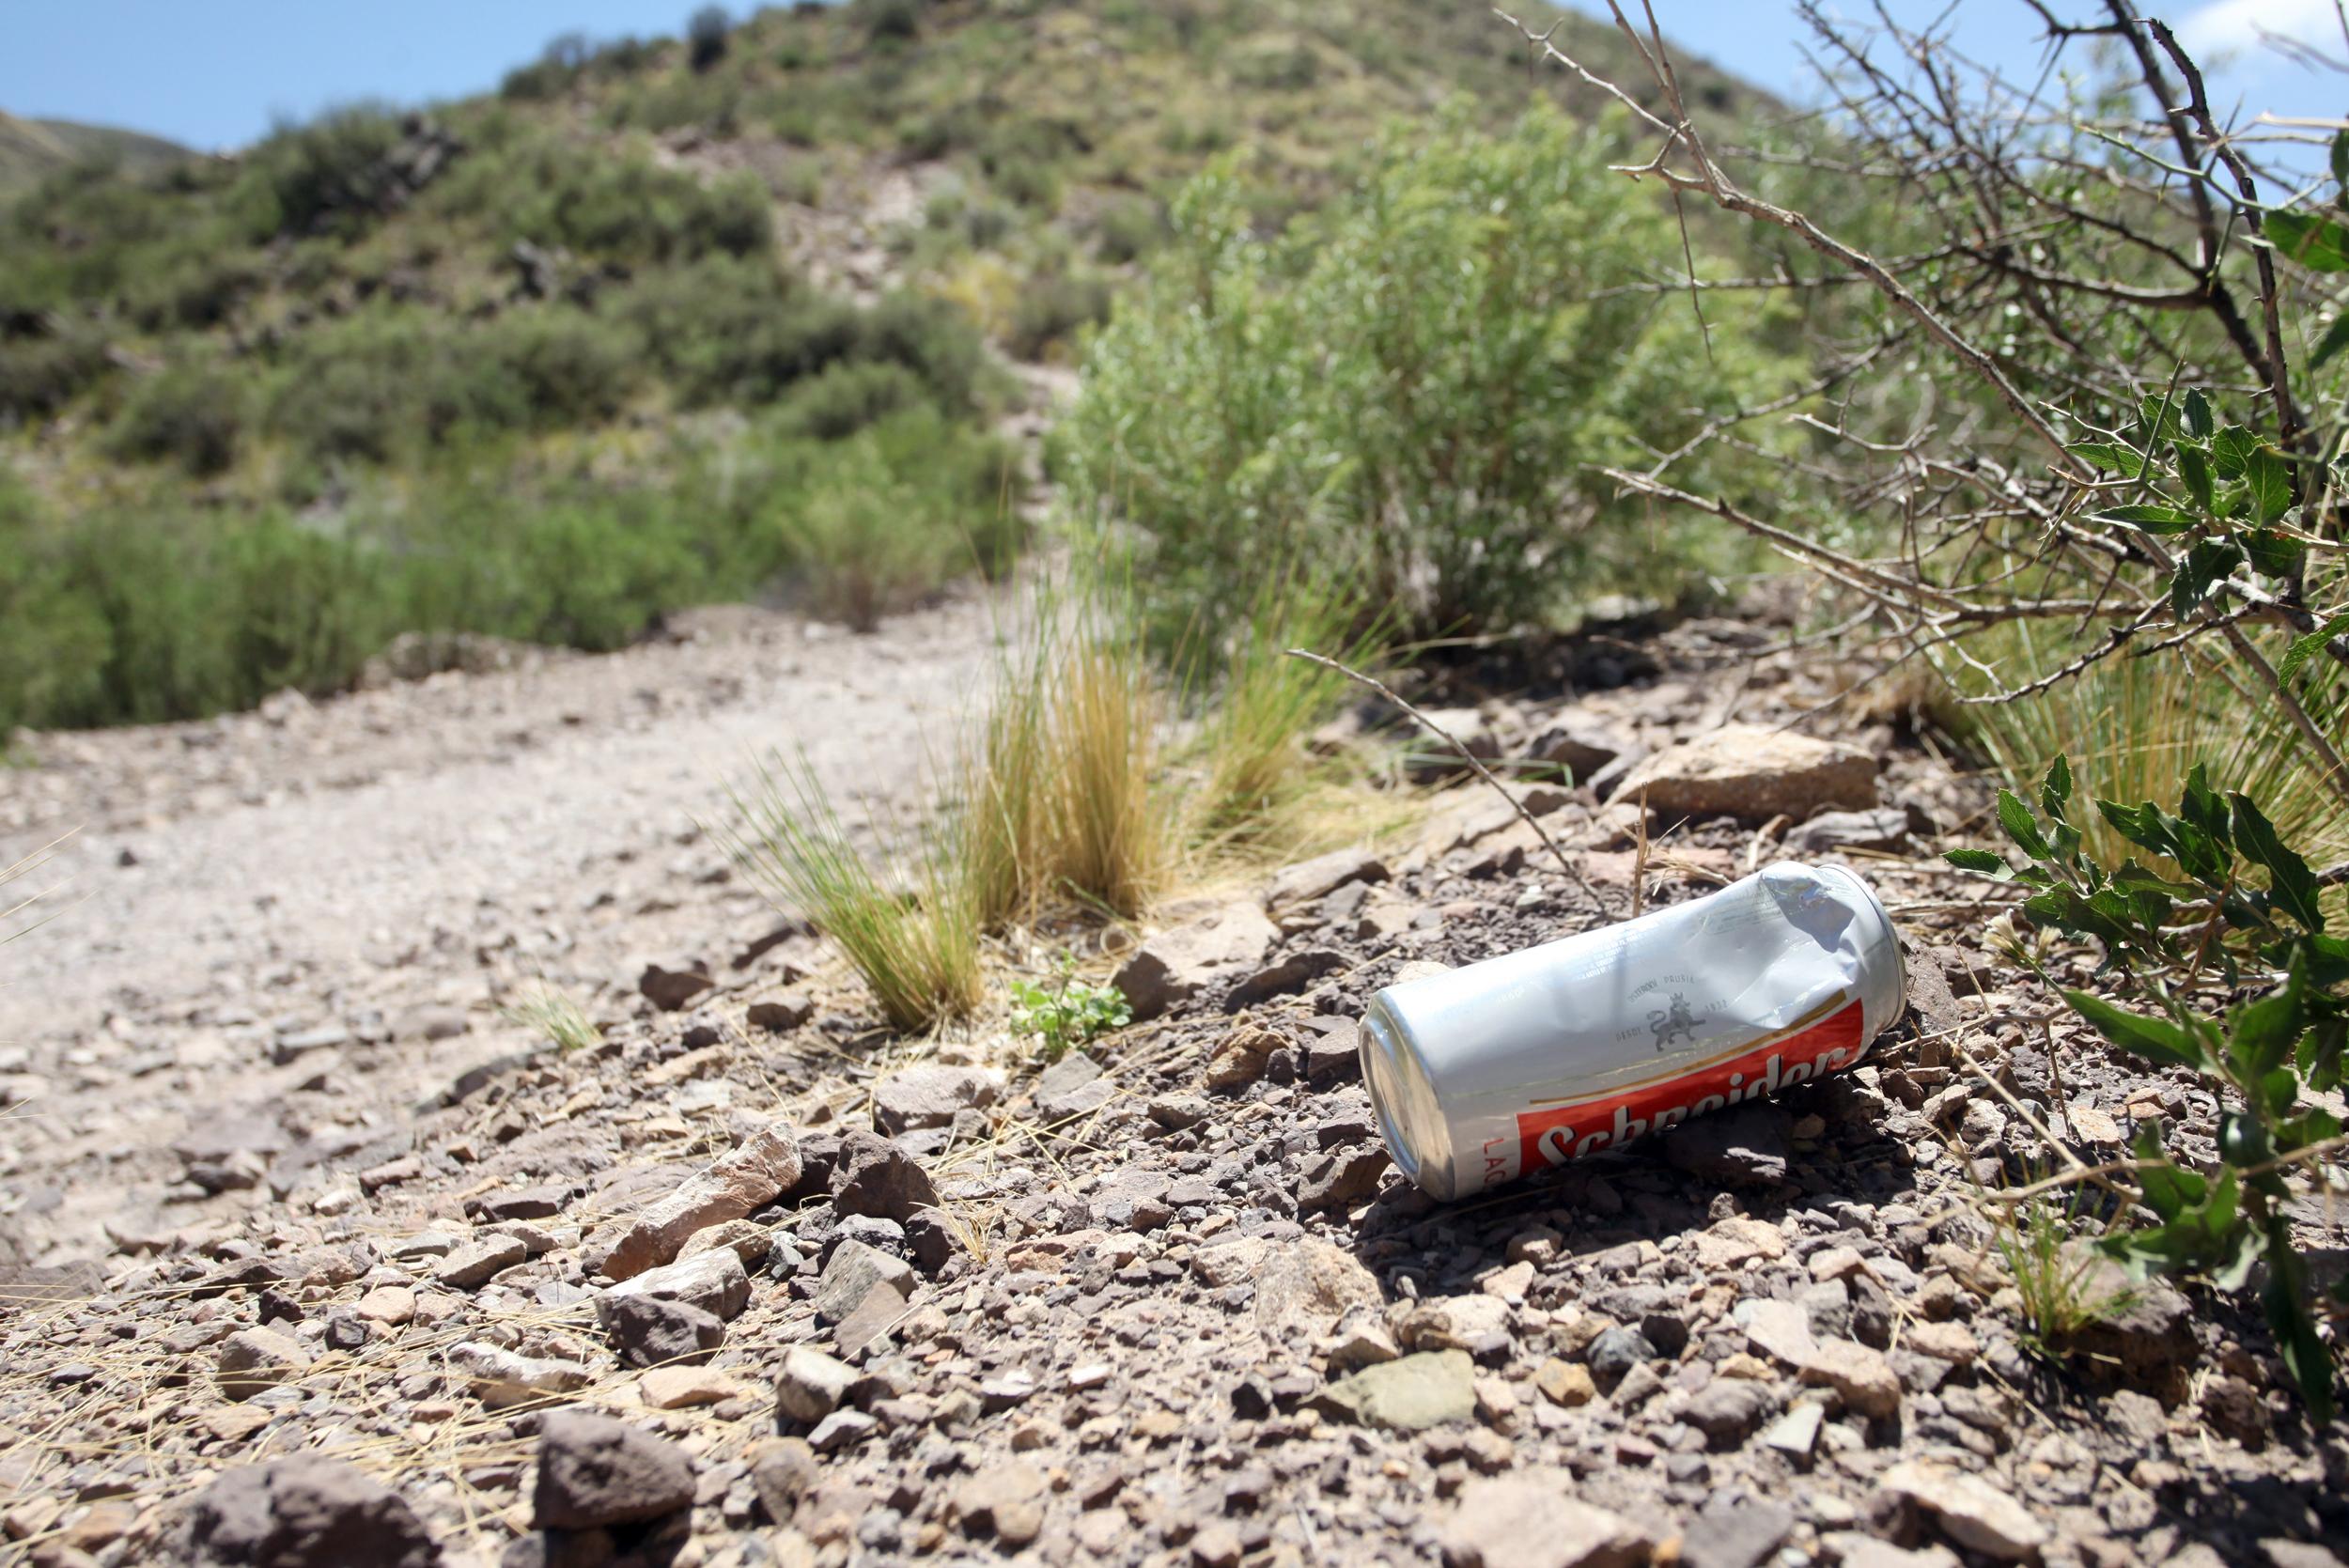 Los visitantes arrojan latas de cerveza, entre otros residuos en los cerros de Mendoza.